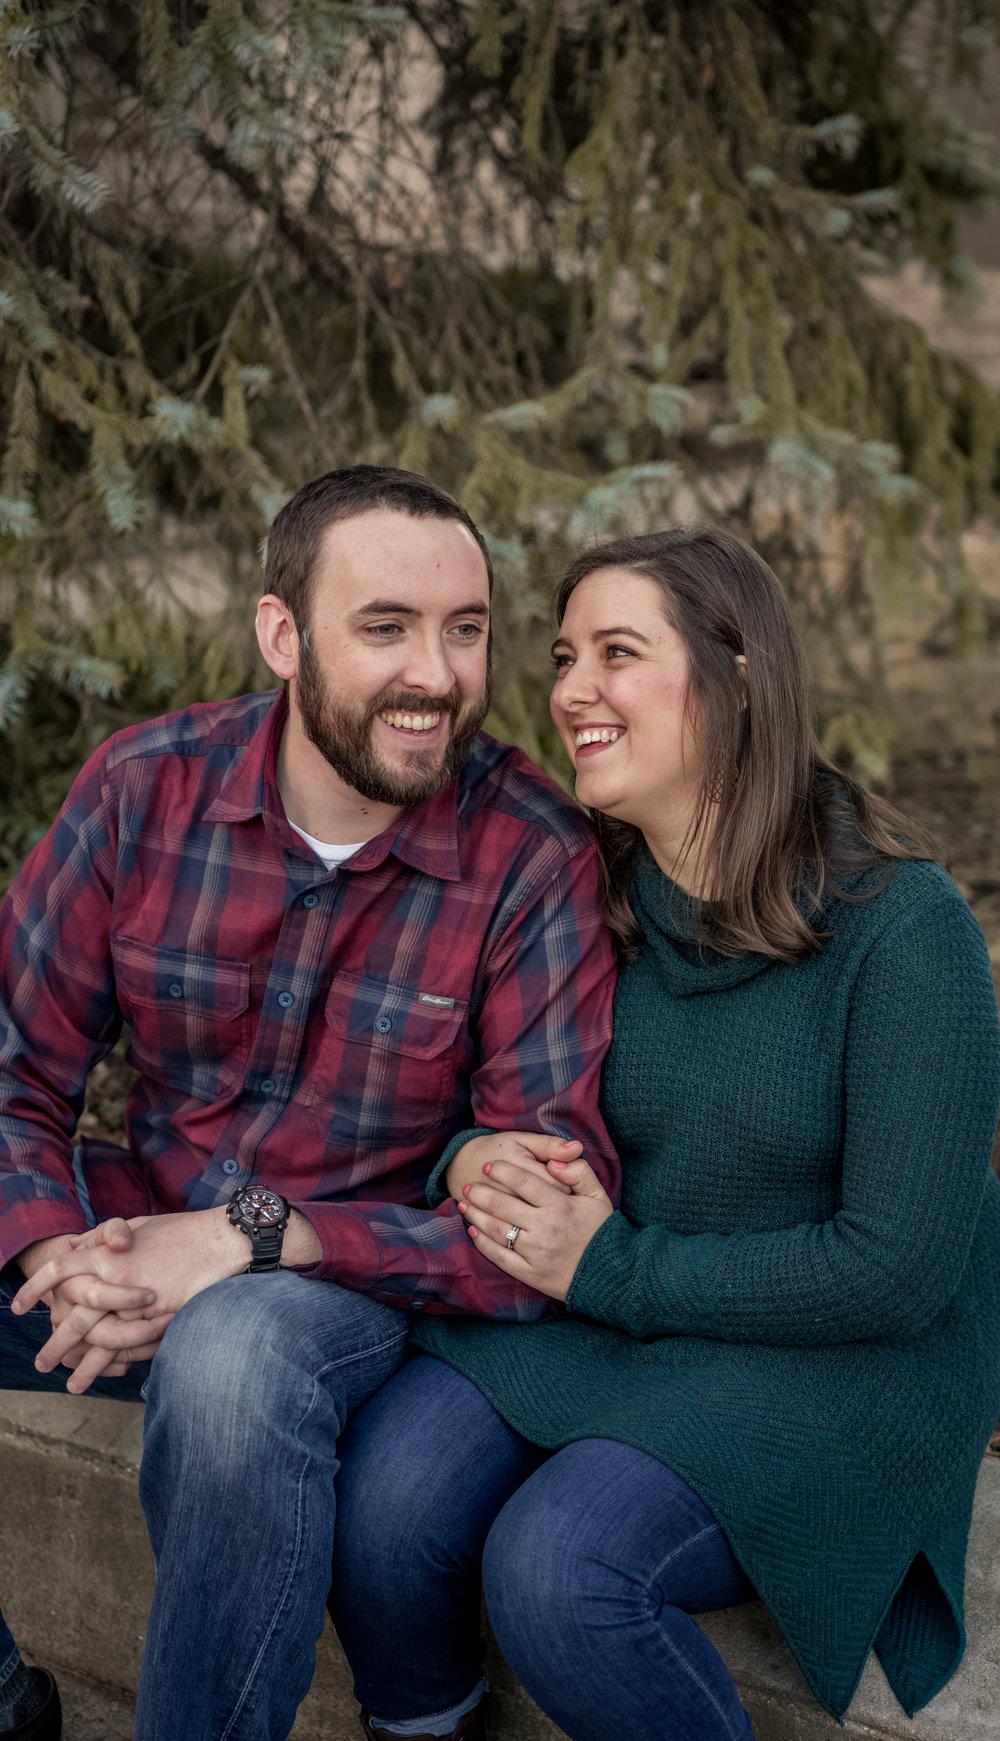 couple field photo louisville photographer